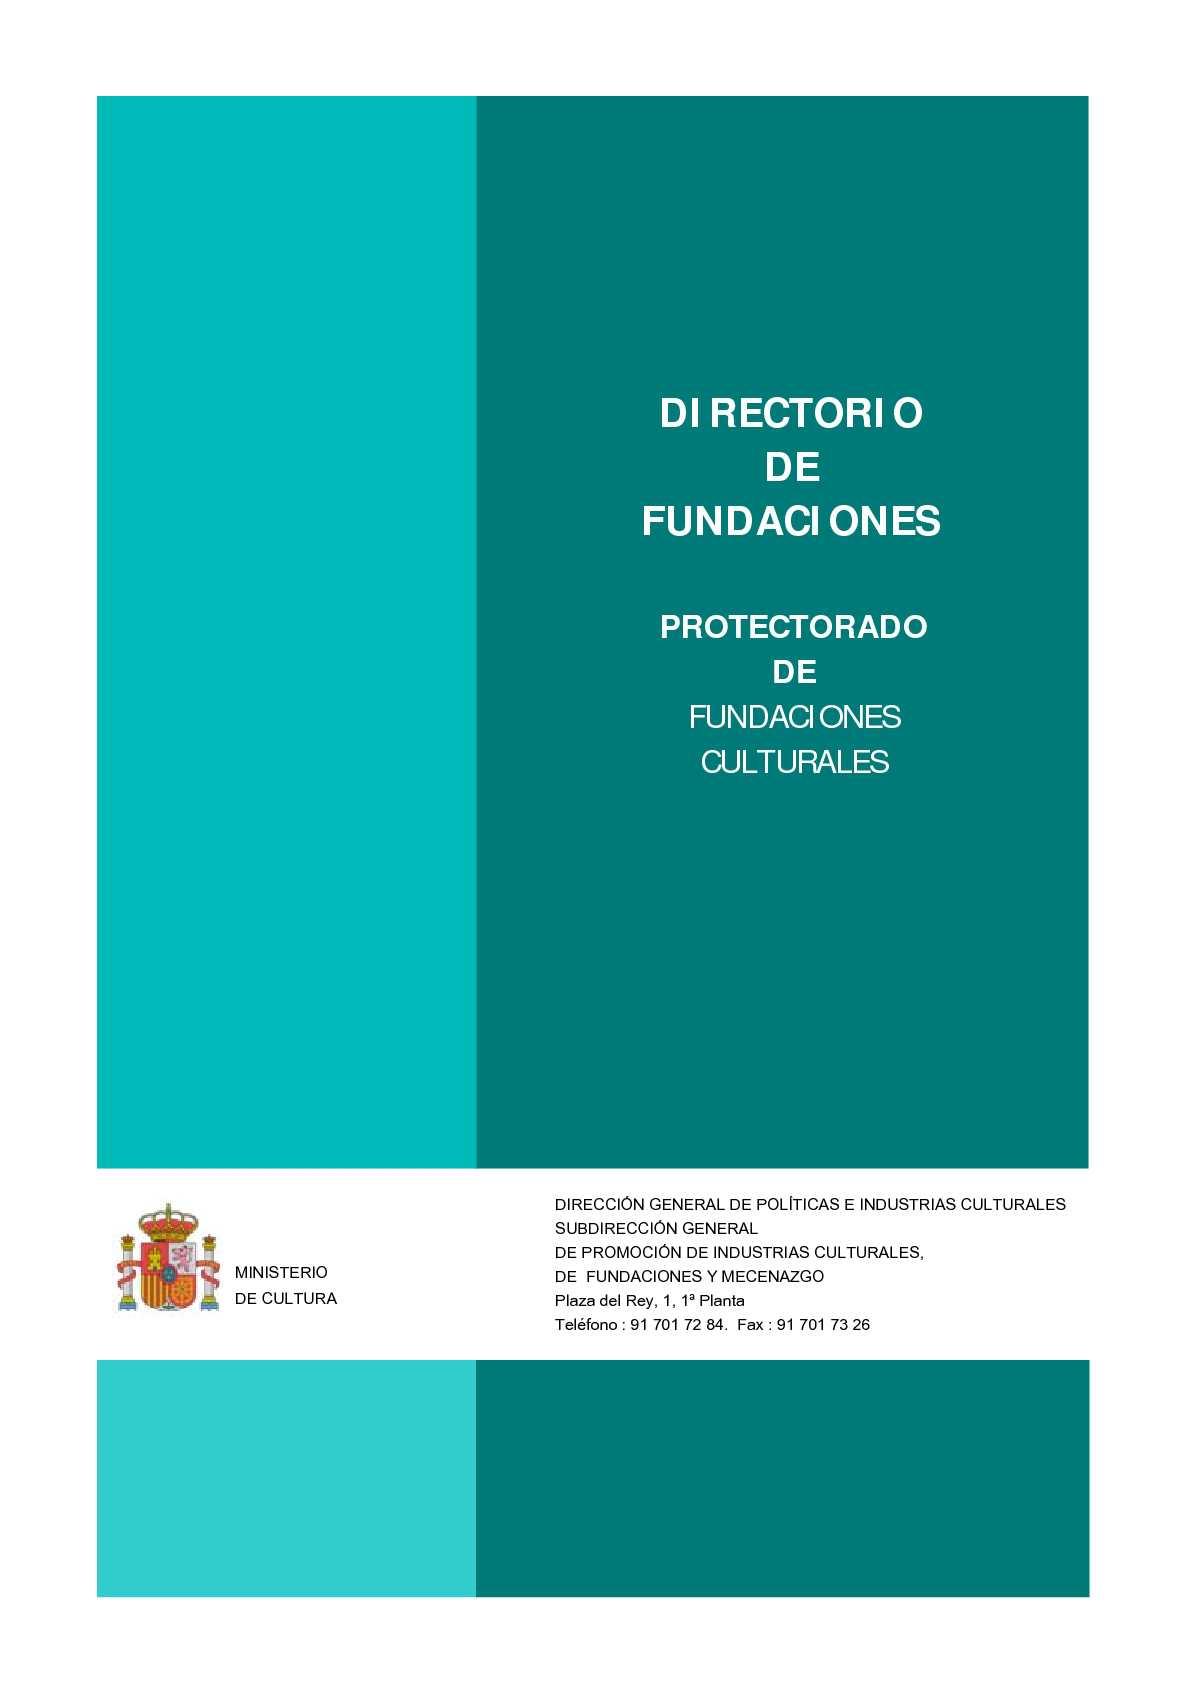 Directorio de Fundaciones